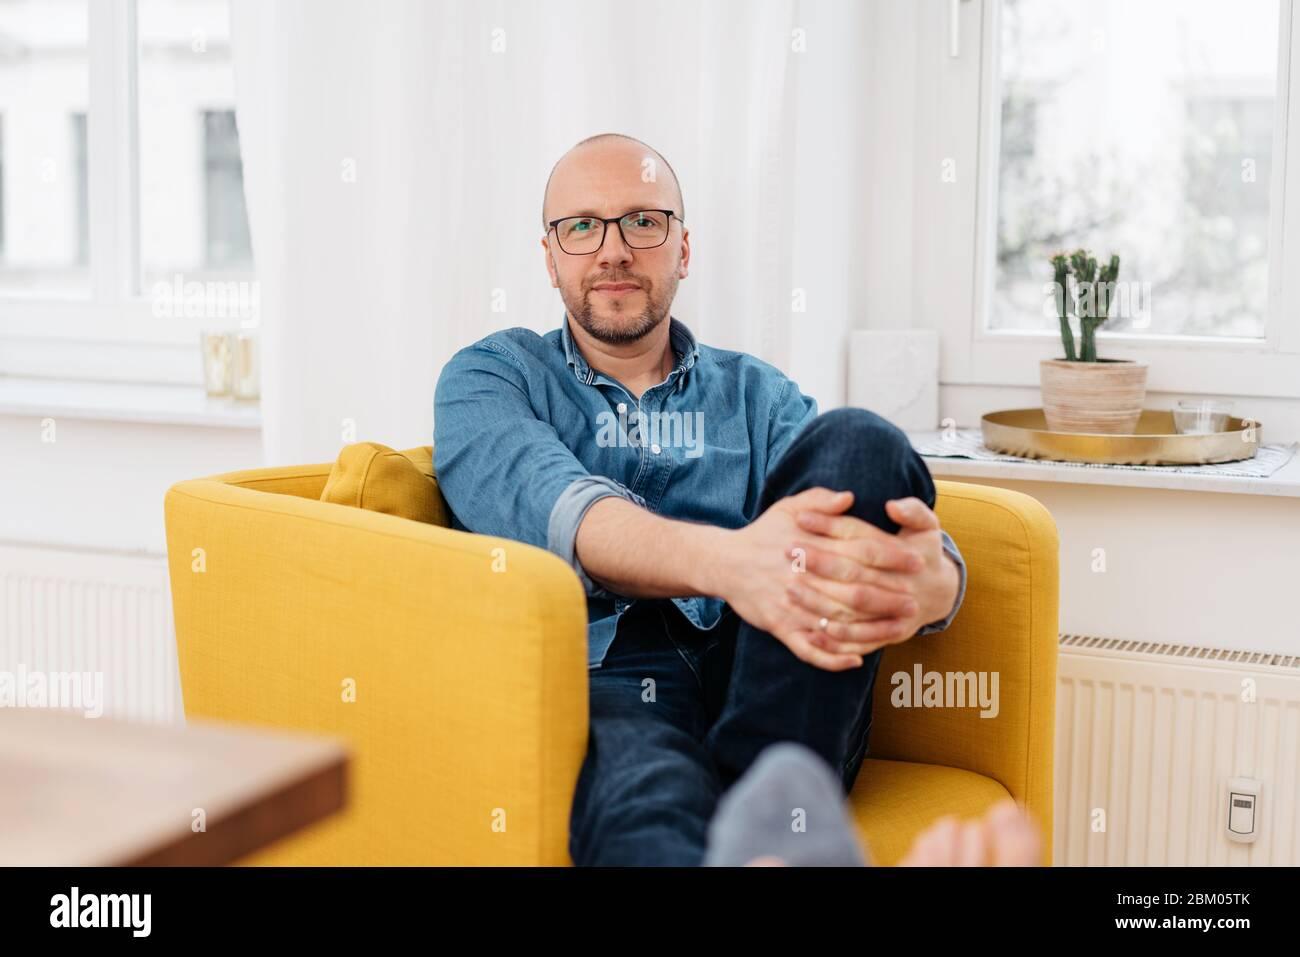 Hombre de mediana edad con gafas relajándose en una silla amarilla de colores en casa mirando cuidadosamente la cámara Foto de stock